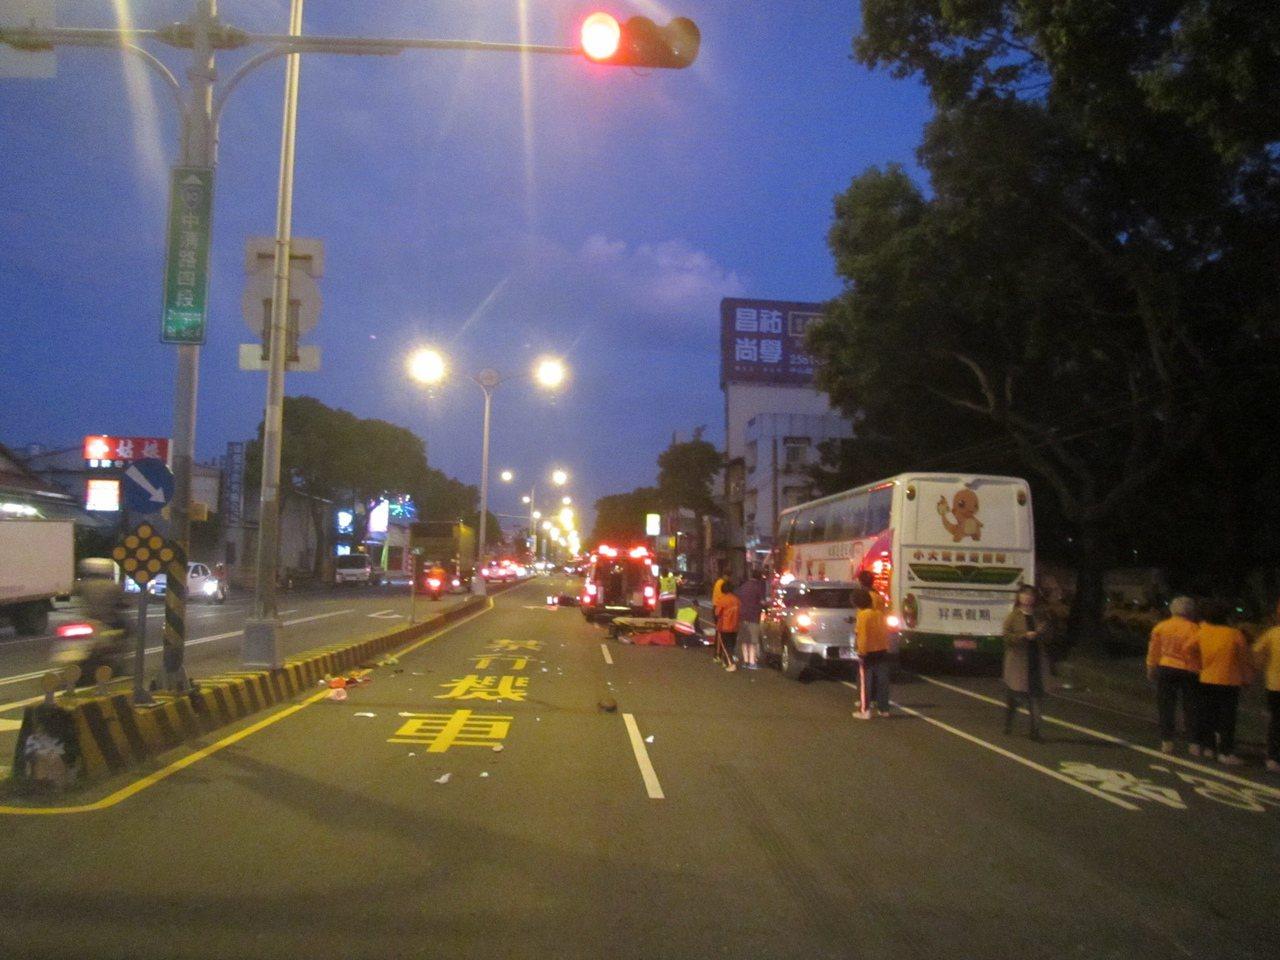 台中市大雅區今晨發生死亡車禍,82歲張王姓婦人騎機車晨運遭轎車撞上,送醫急救仍傷...